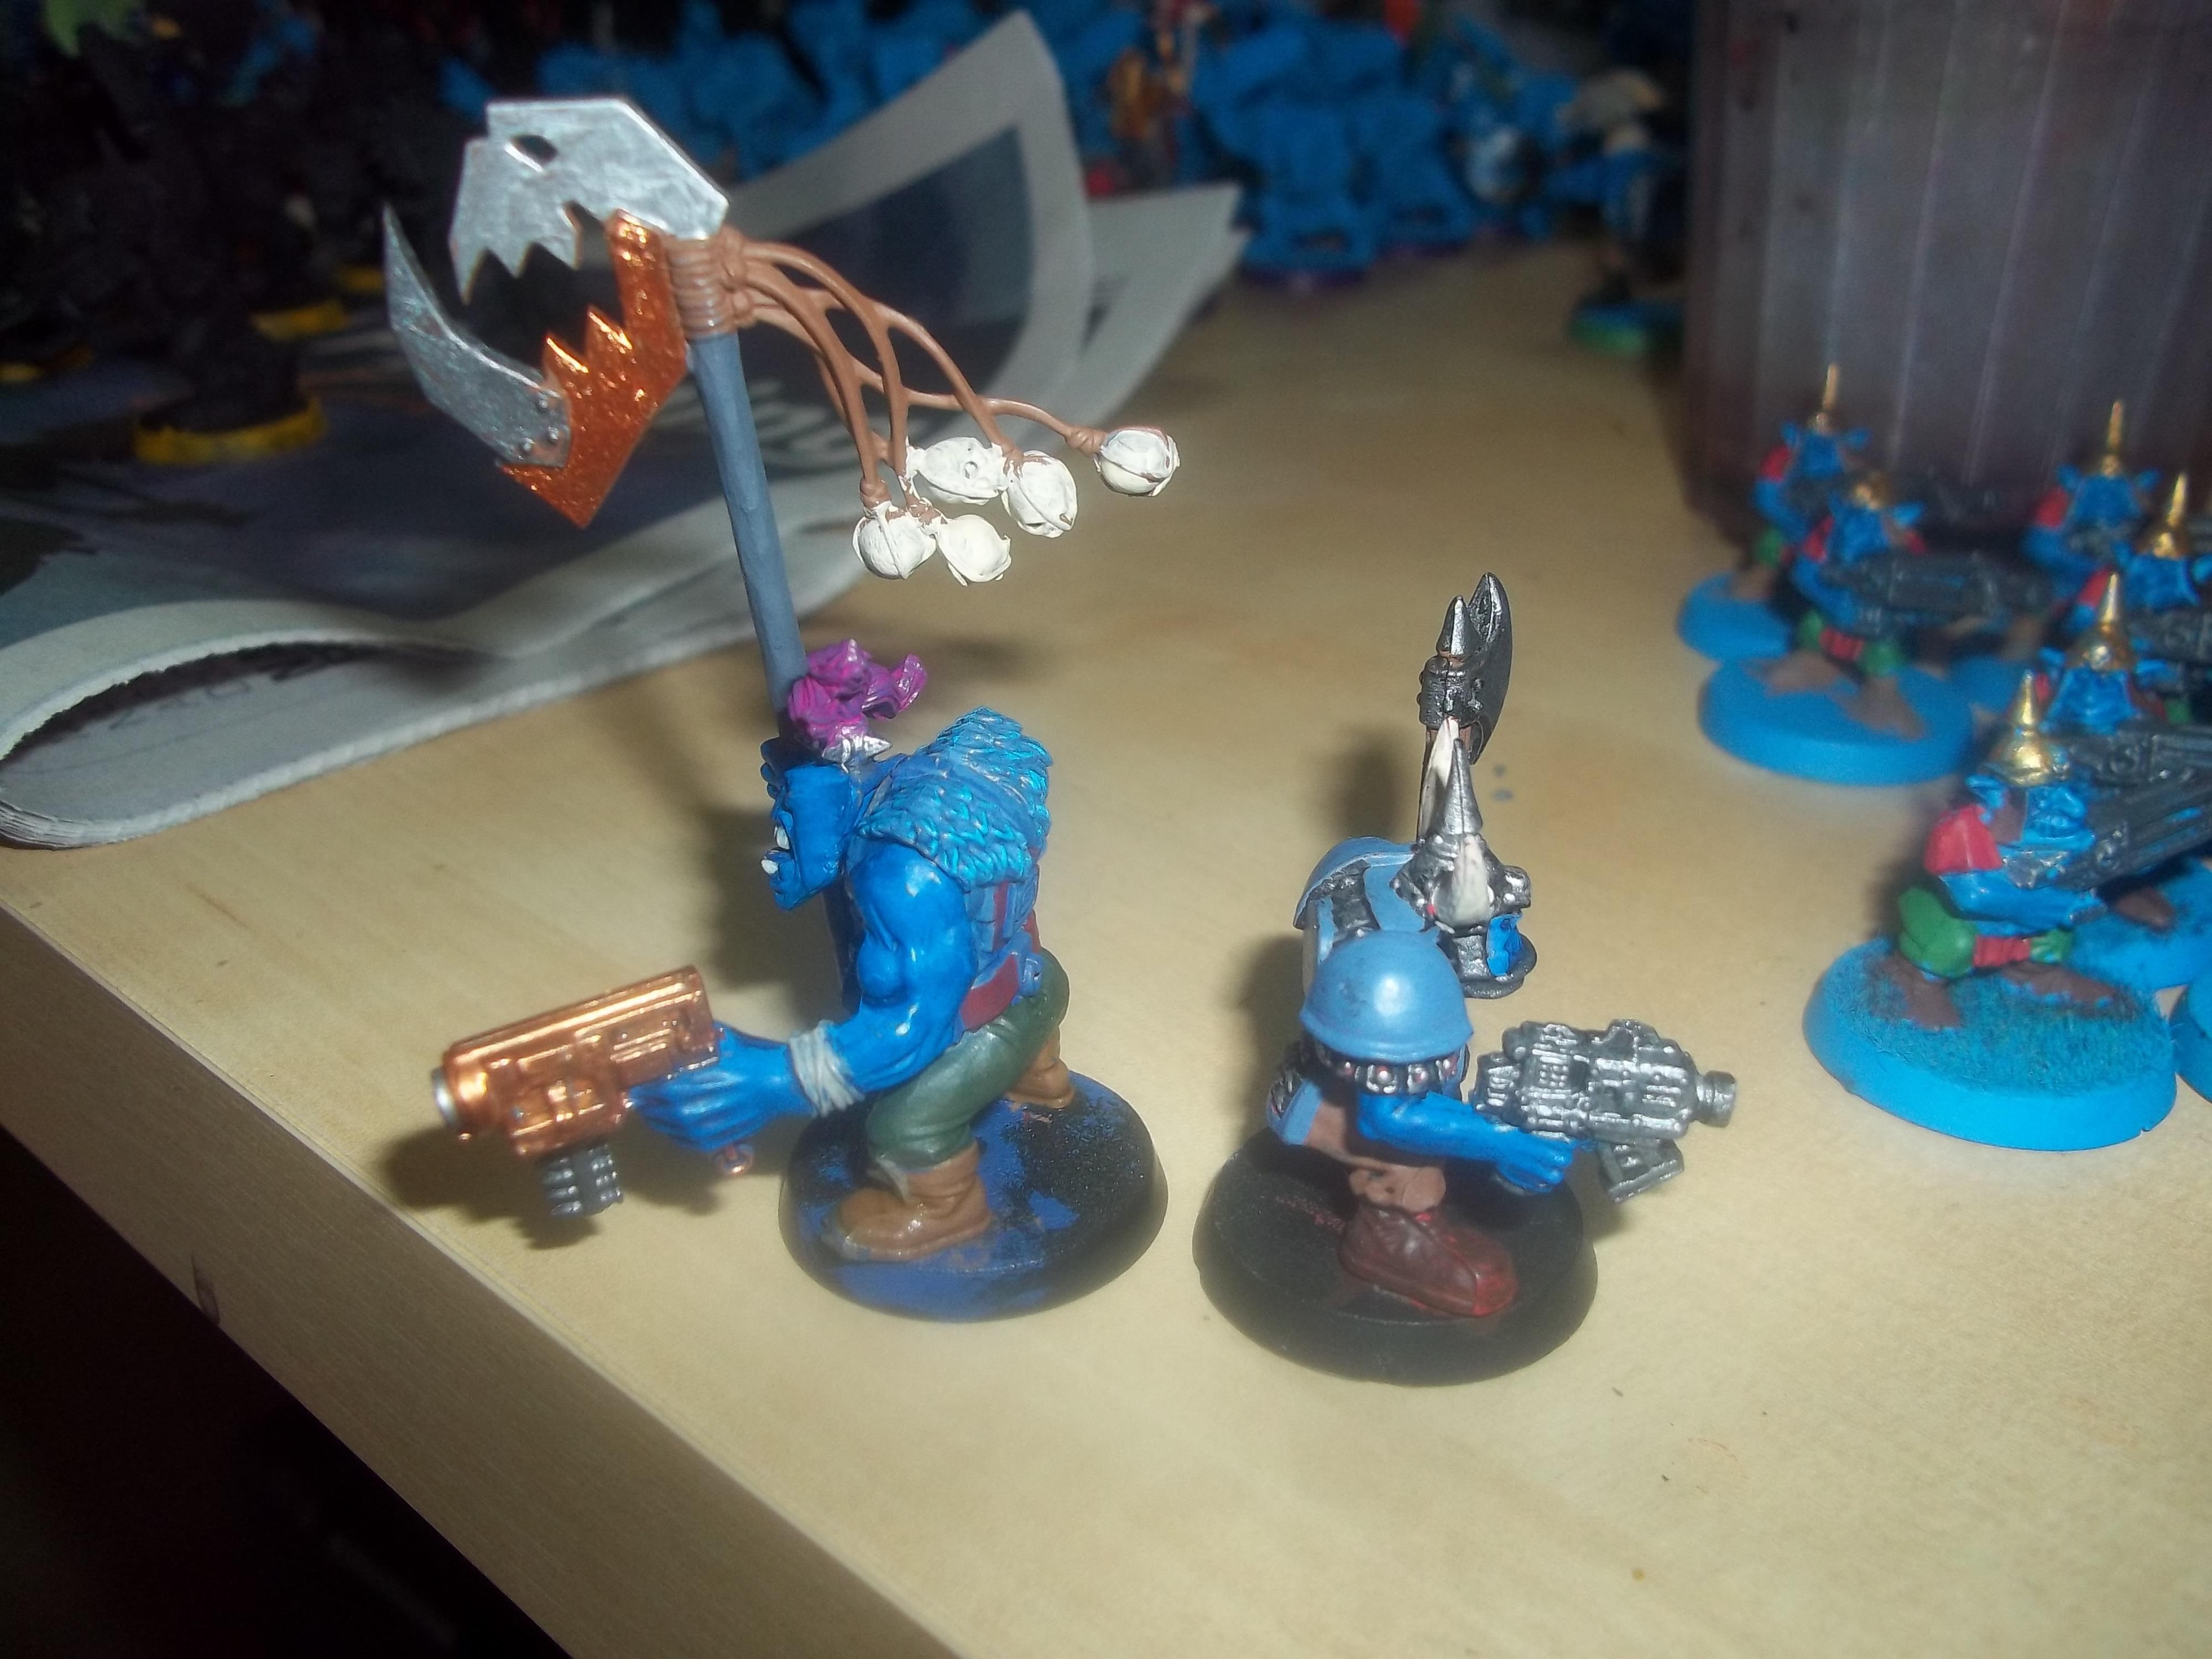 Blue Orks, Orks, Warhammer 40,000